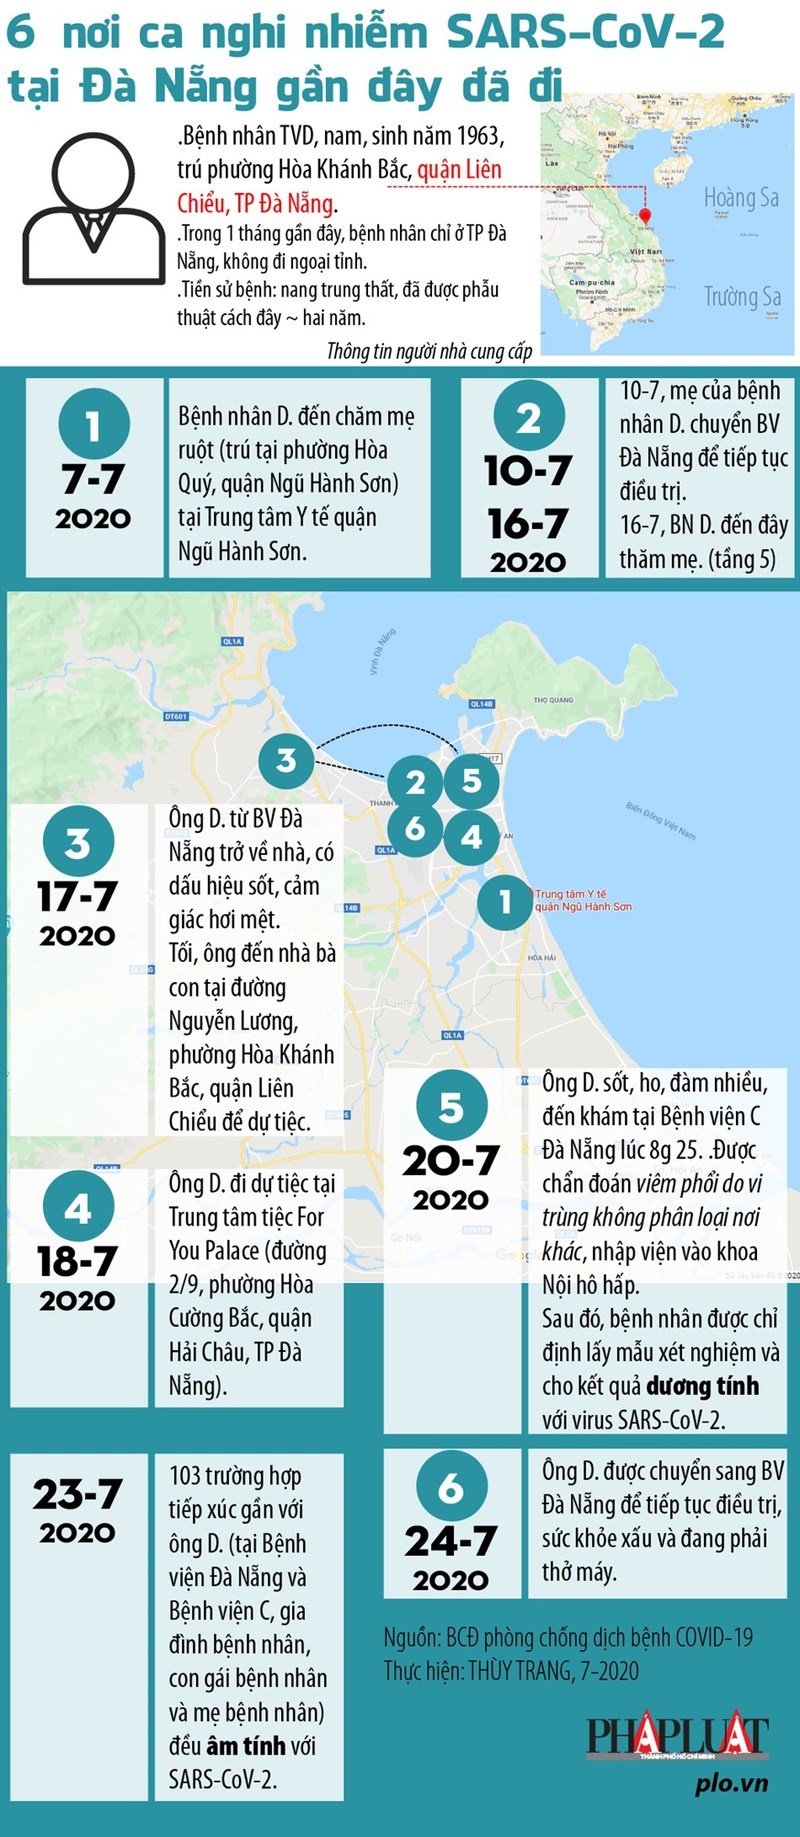 [Infographics] Hành trình 6 nơi ca nghi nhiễm Covid-19 ở Đà Nẵng đã đi - Ảnh 1